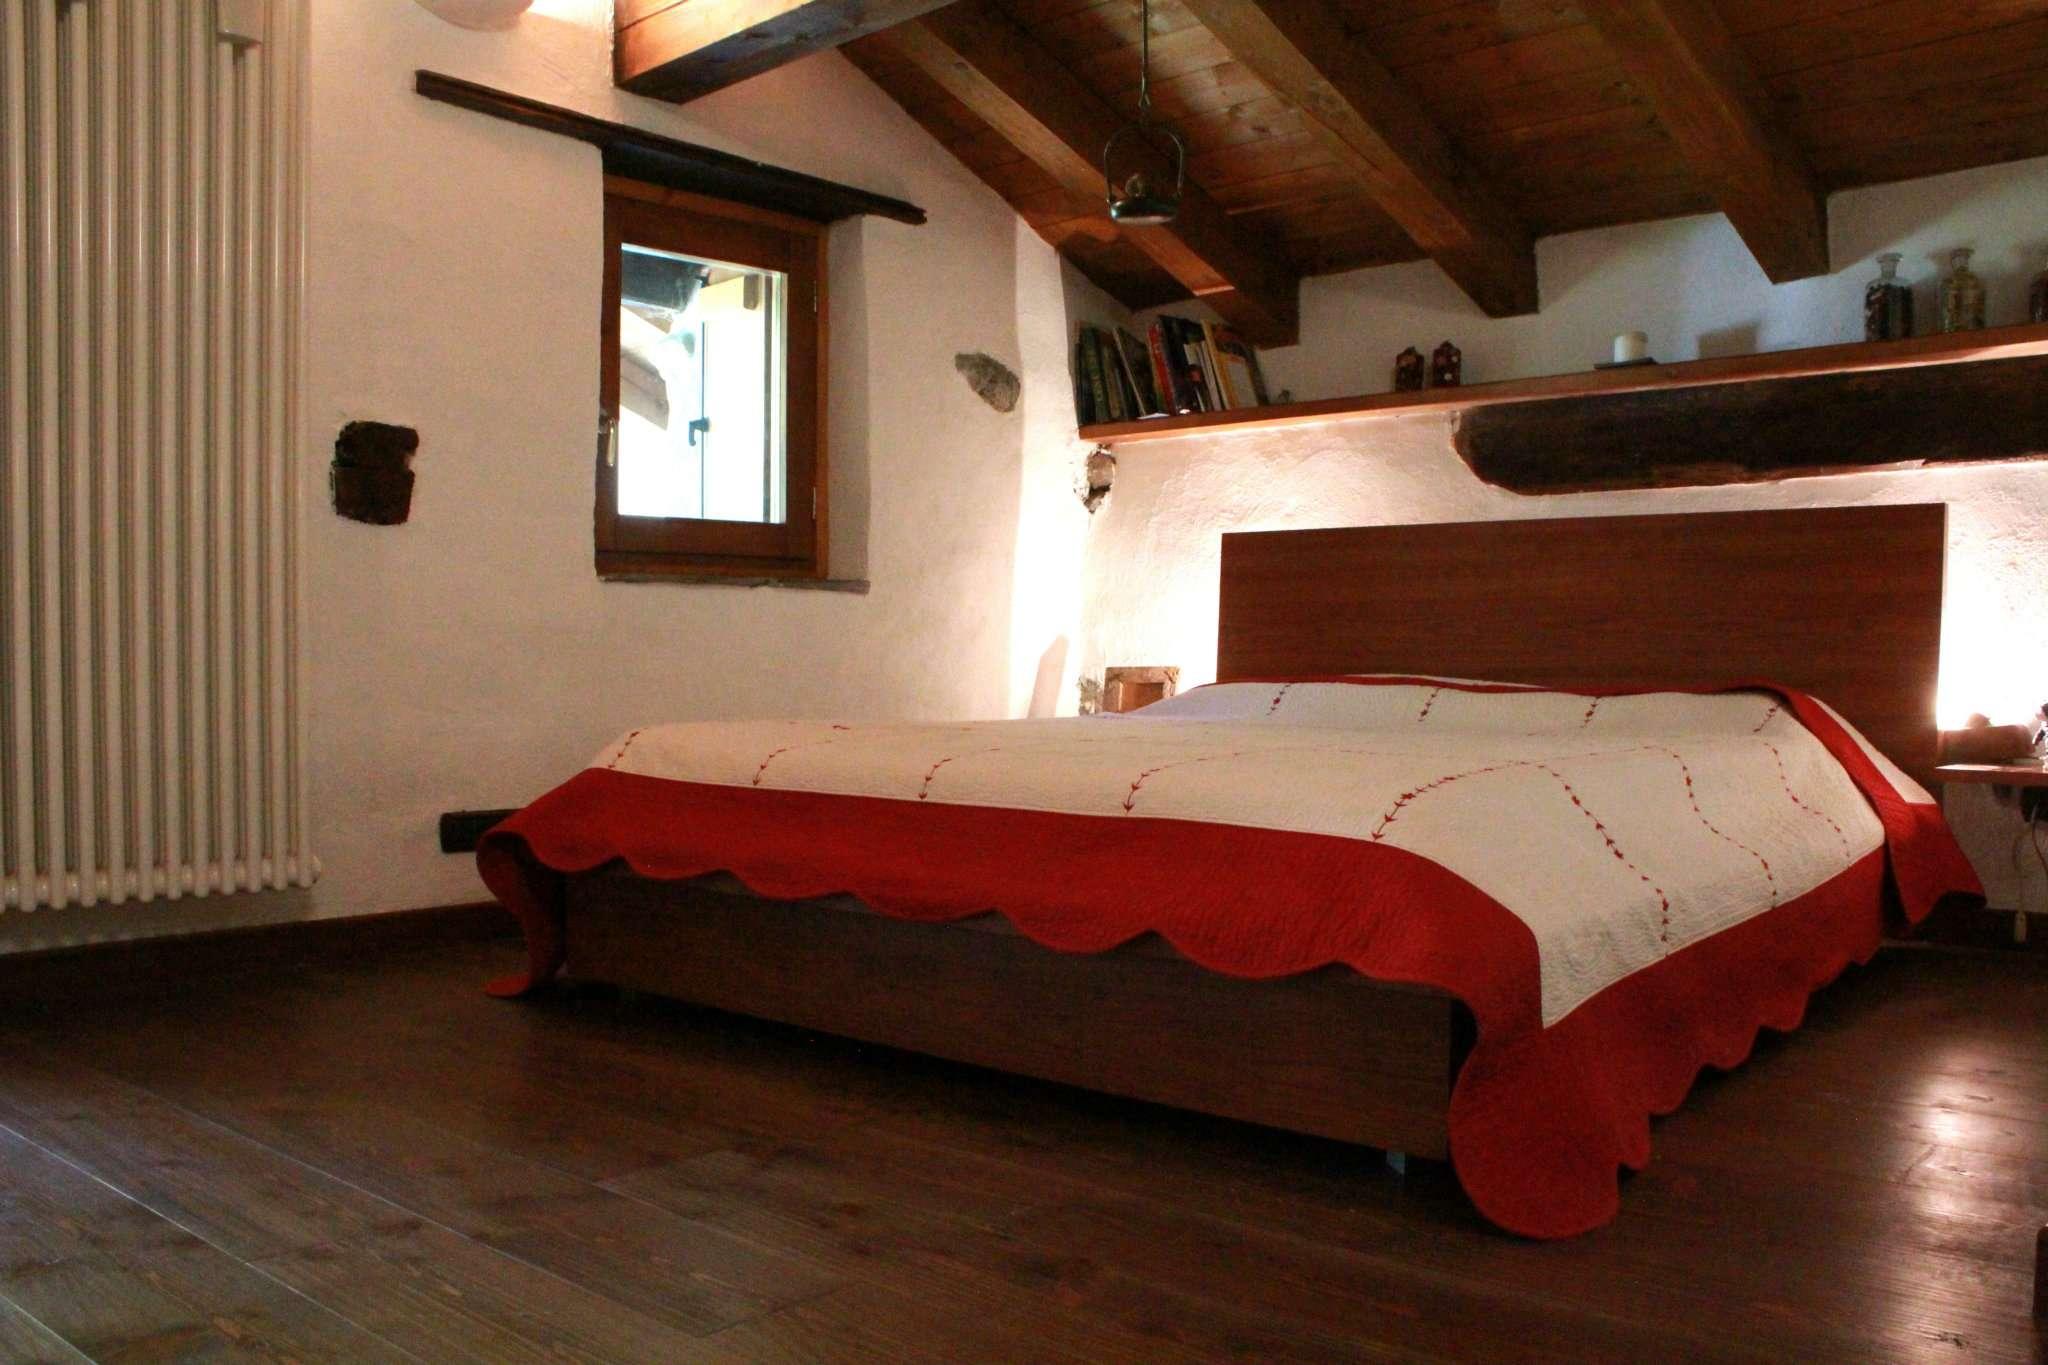 Appartamento in vendita a Antey-Saint-Andrè, 3 locali, prezzo € 190.000 | Cambio Casa.it